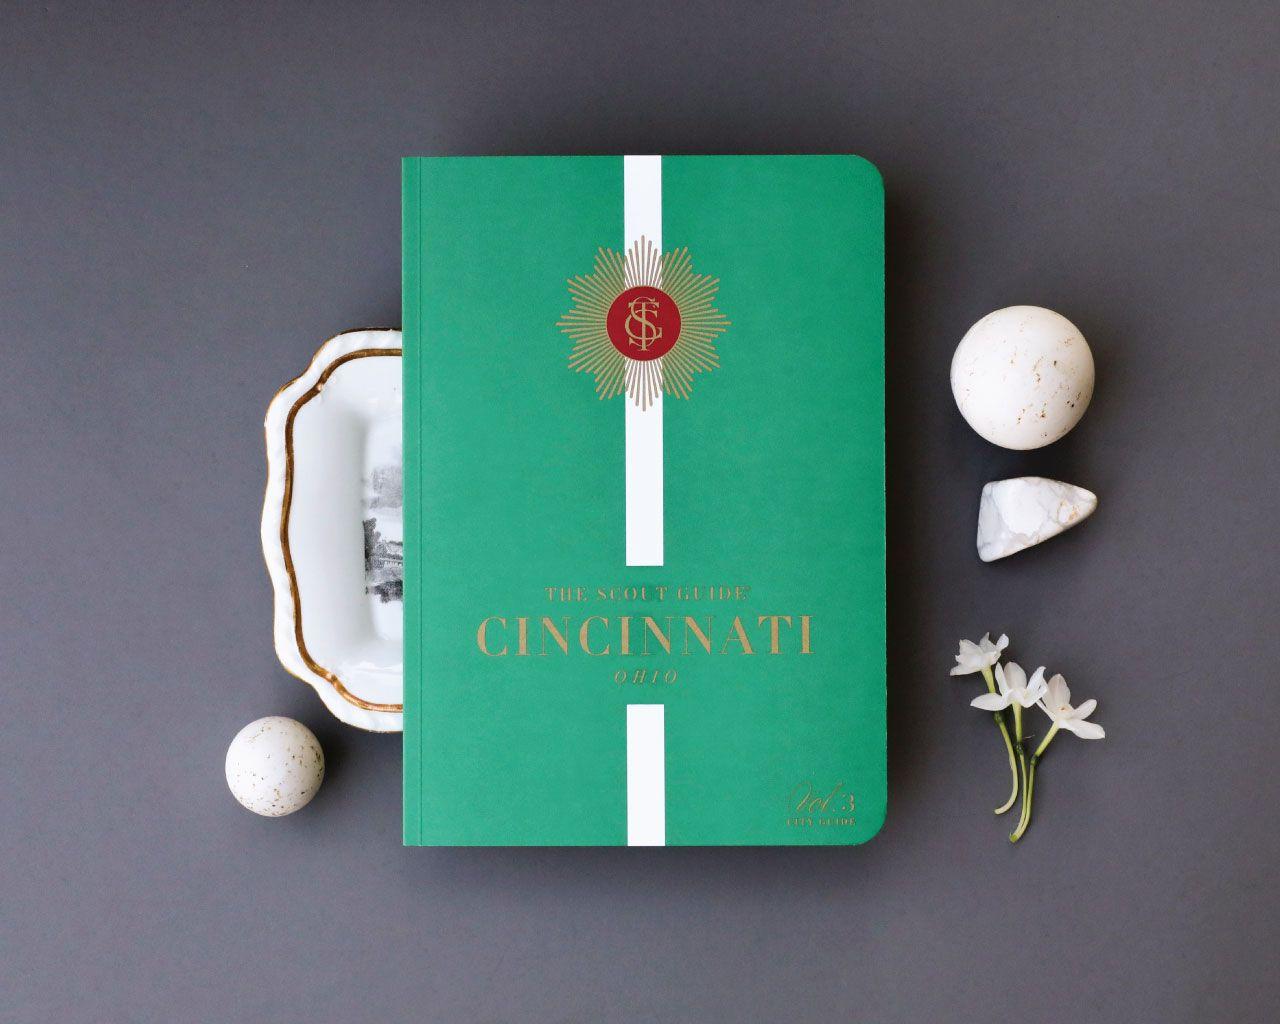 Cincinnati, Ohio Guide The scout guide, Cincinnati, City